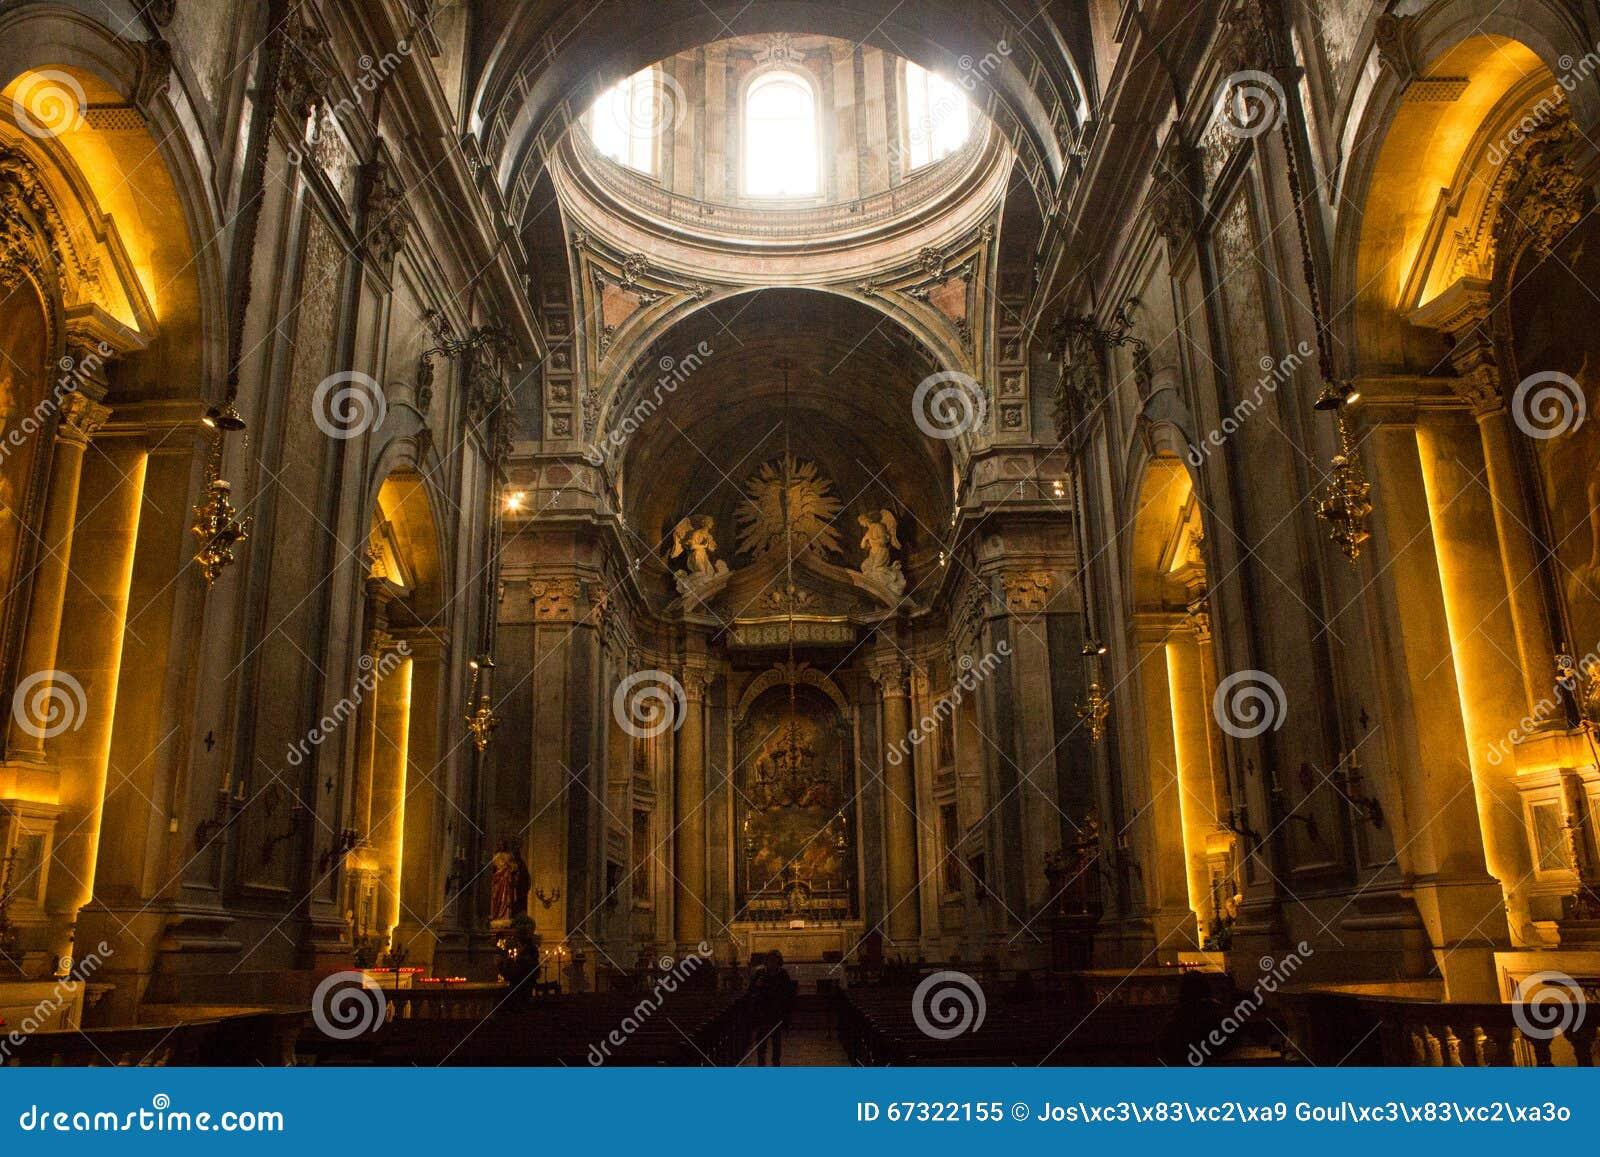 Genetal view inside Estrela basilica in Lisbon, Portugal